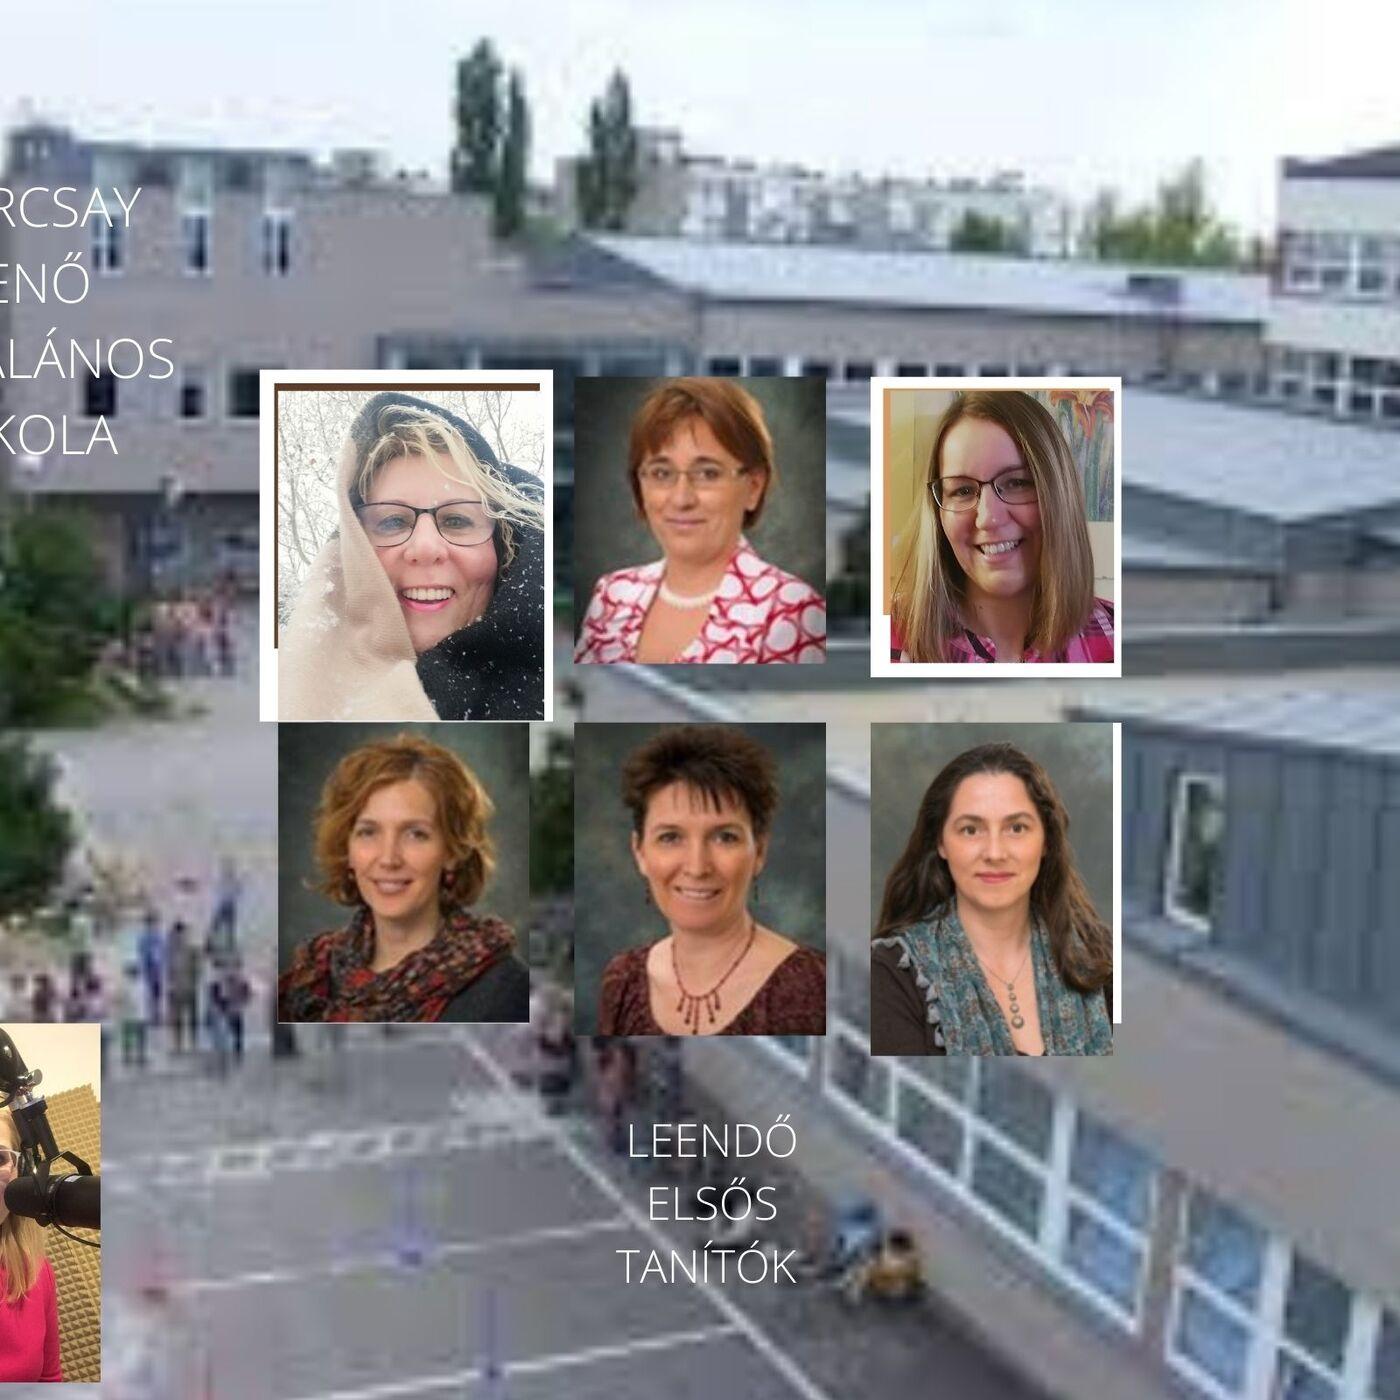 Bemutatkoznak a Szentendrei Barcsay Jenő Általános Iskola leendő elsős tanítói